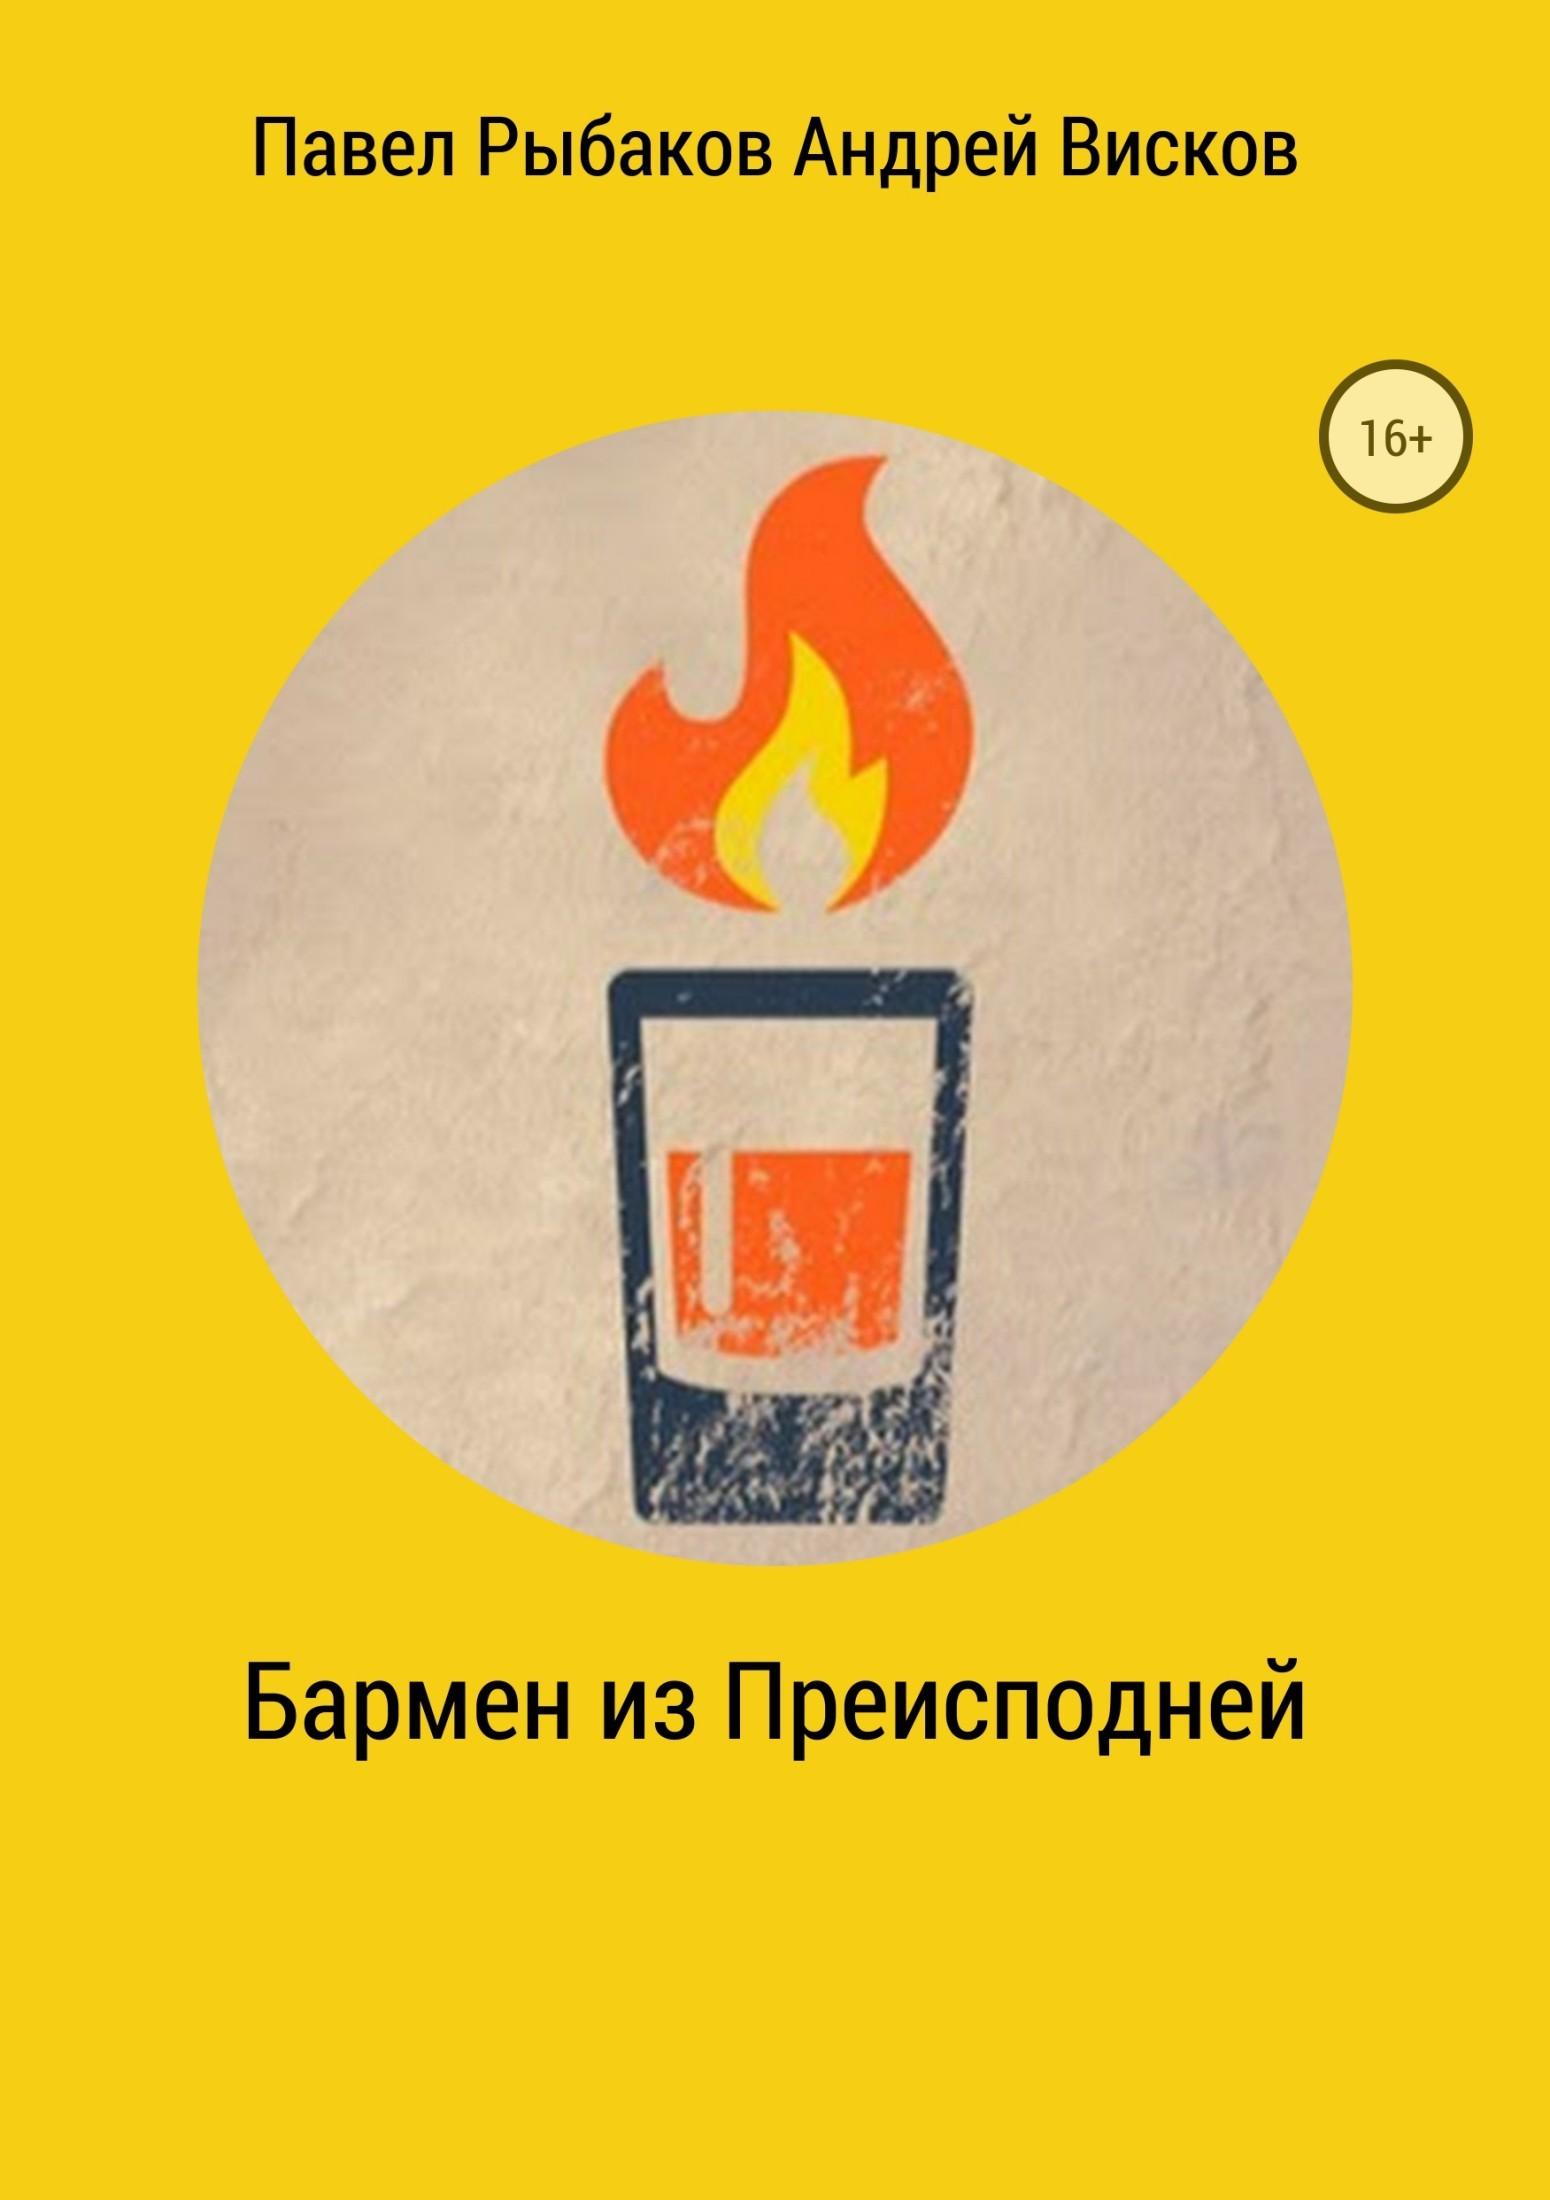 Павел Николаевич Рыбаков. Бармен из Преисподней